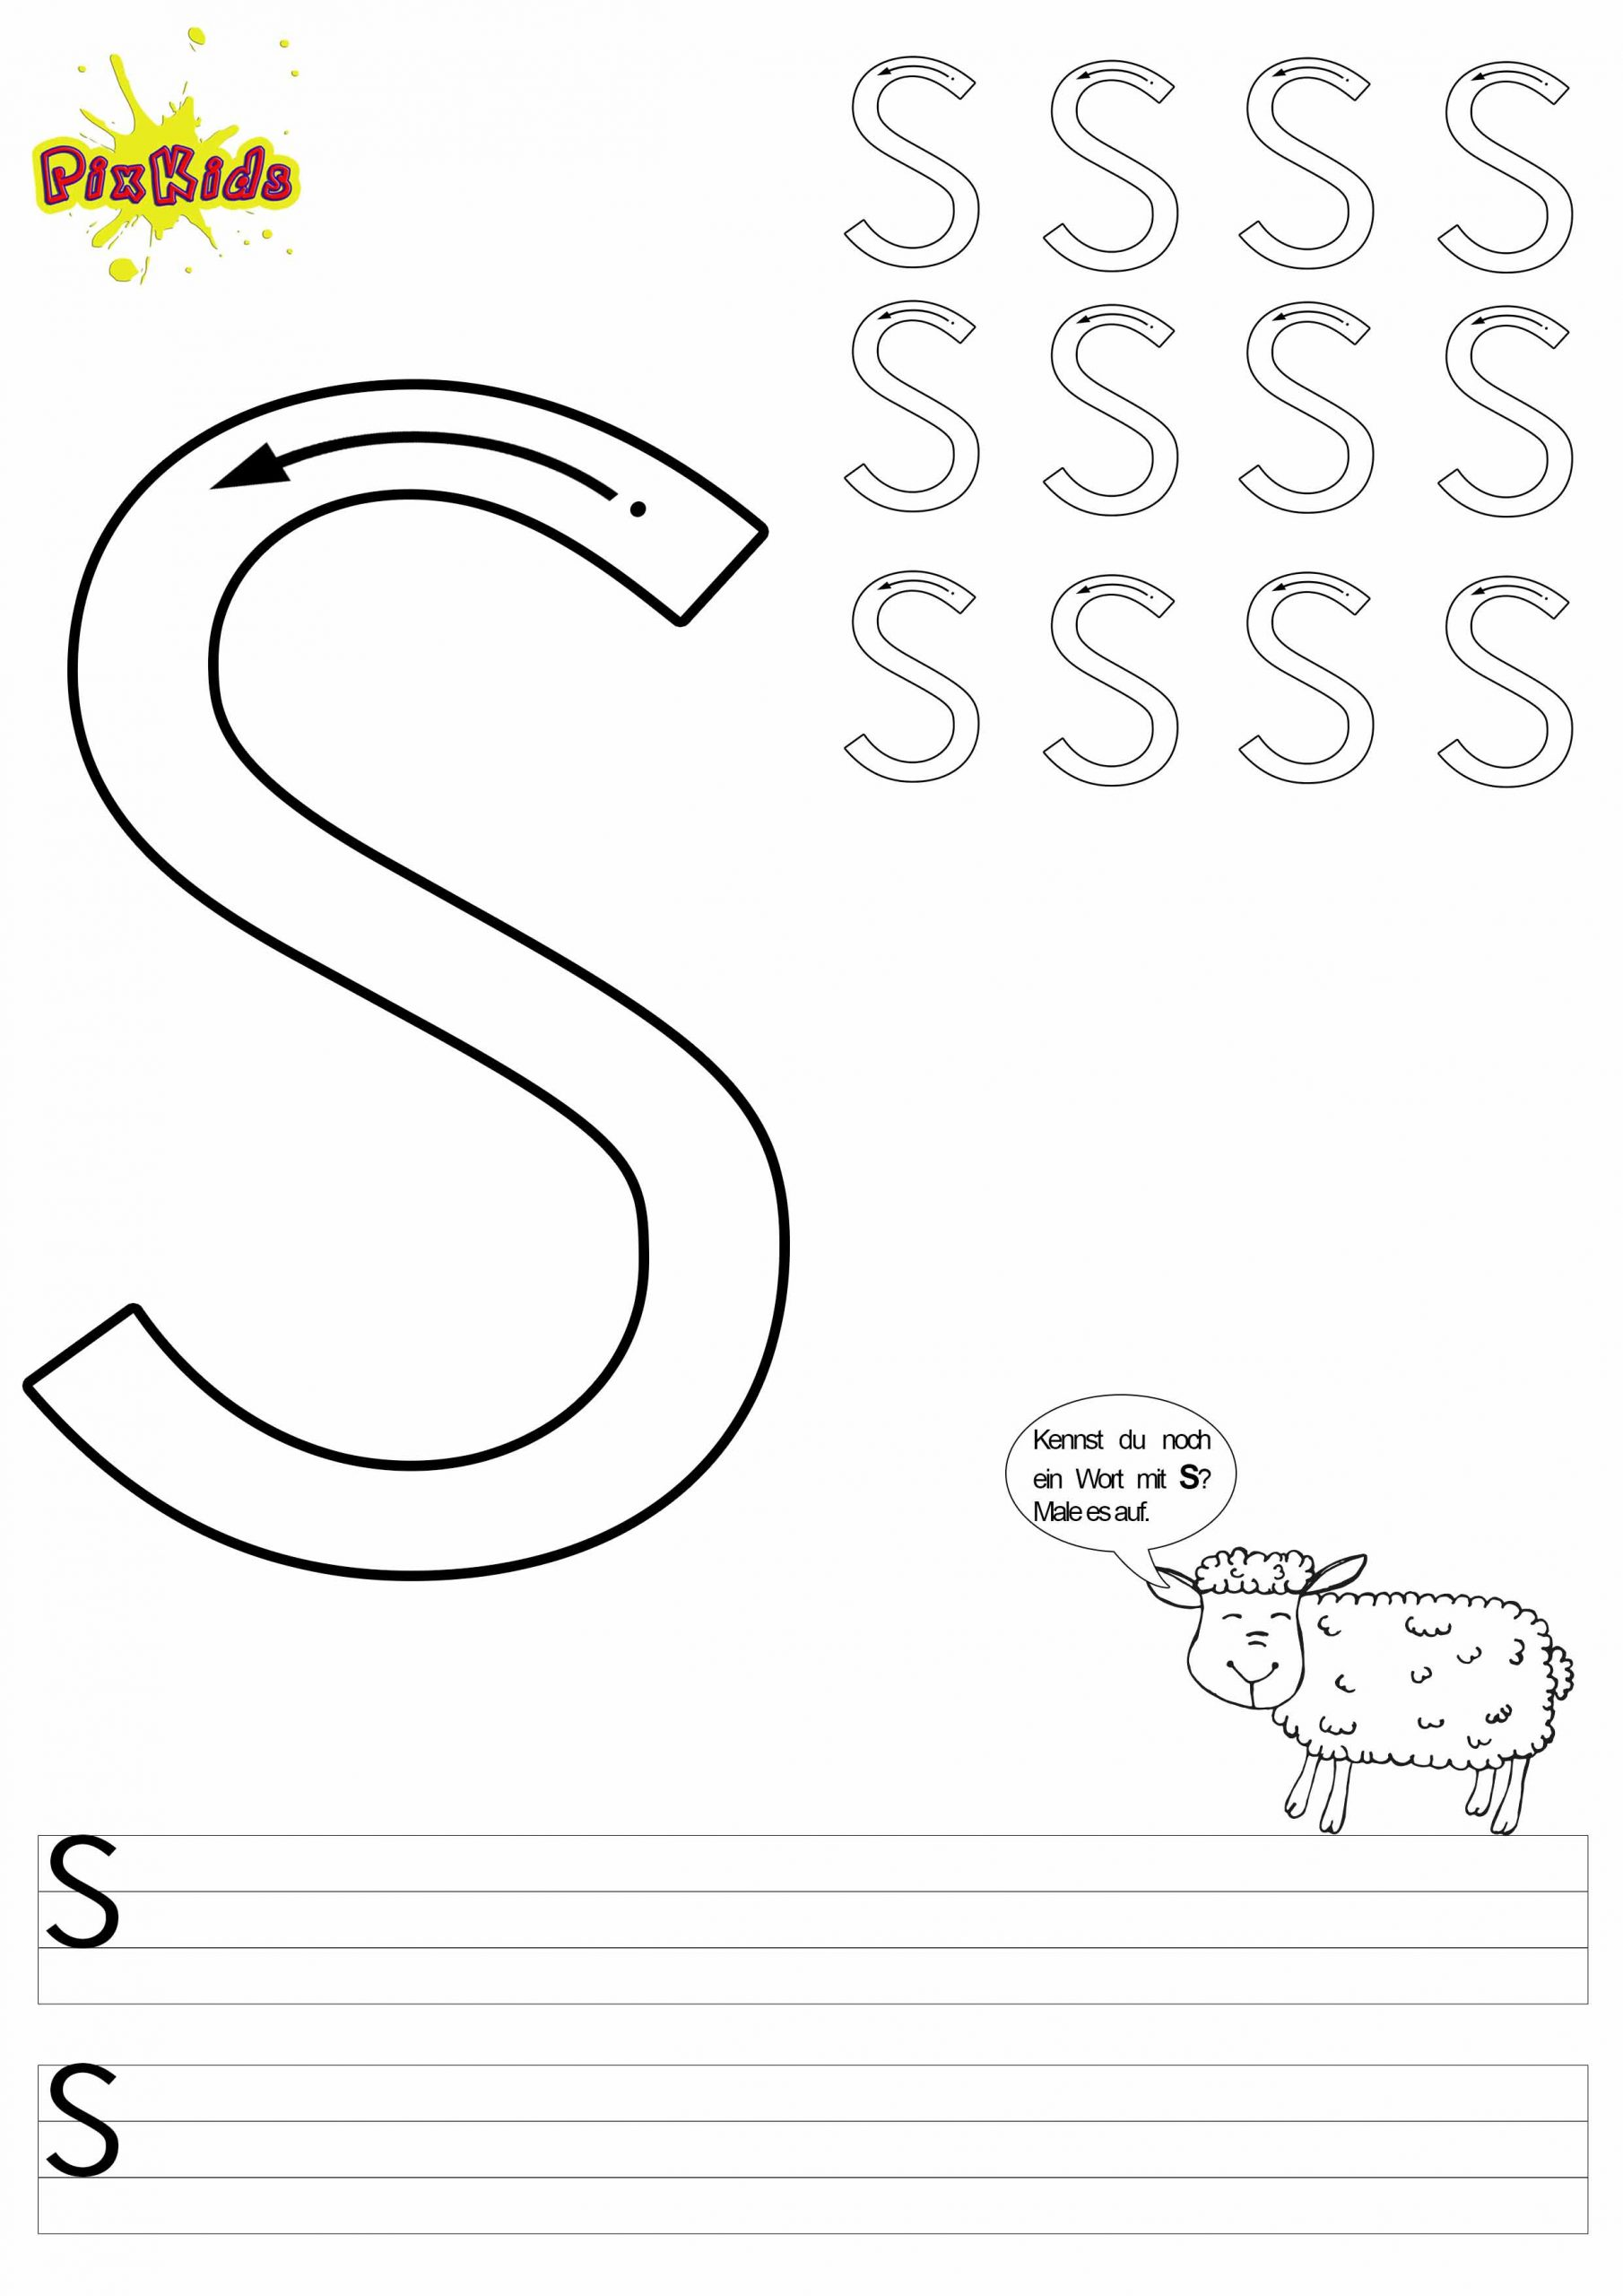 Buchstaben Schreiben Lernen Arbeitsblätter - Buchstaben Zum für Übungsblätter Vorschule Kostenlos Ausdrucken